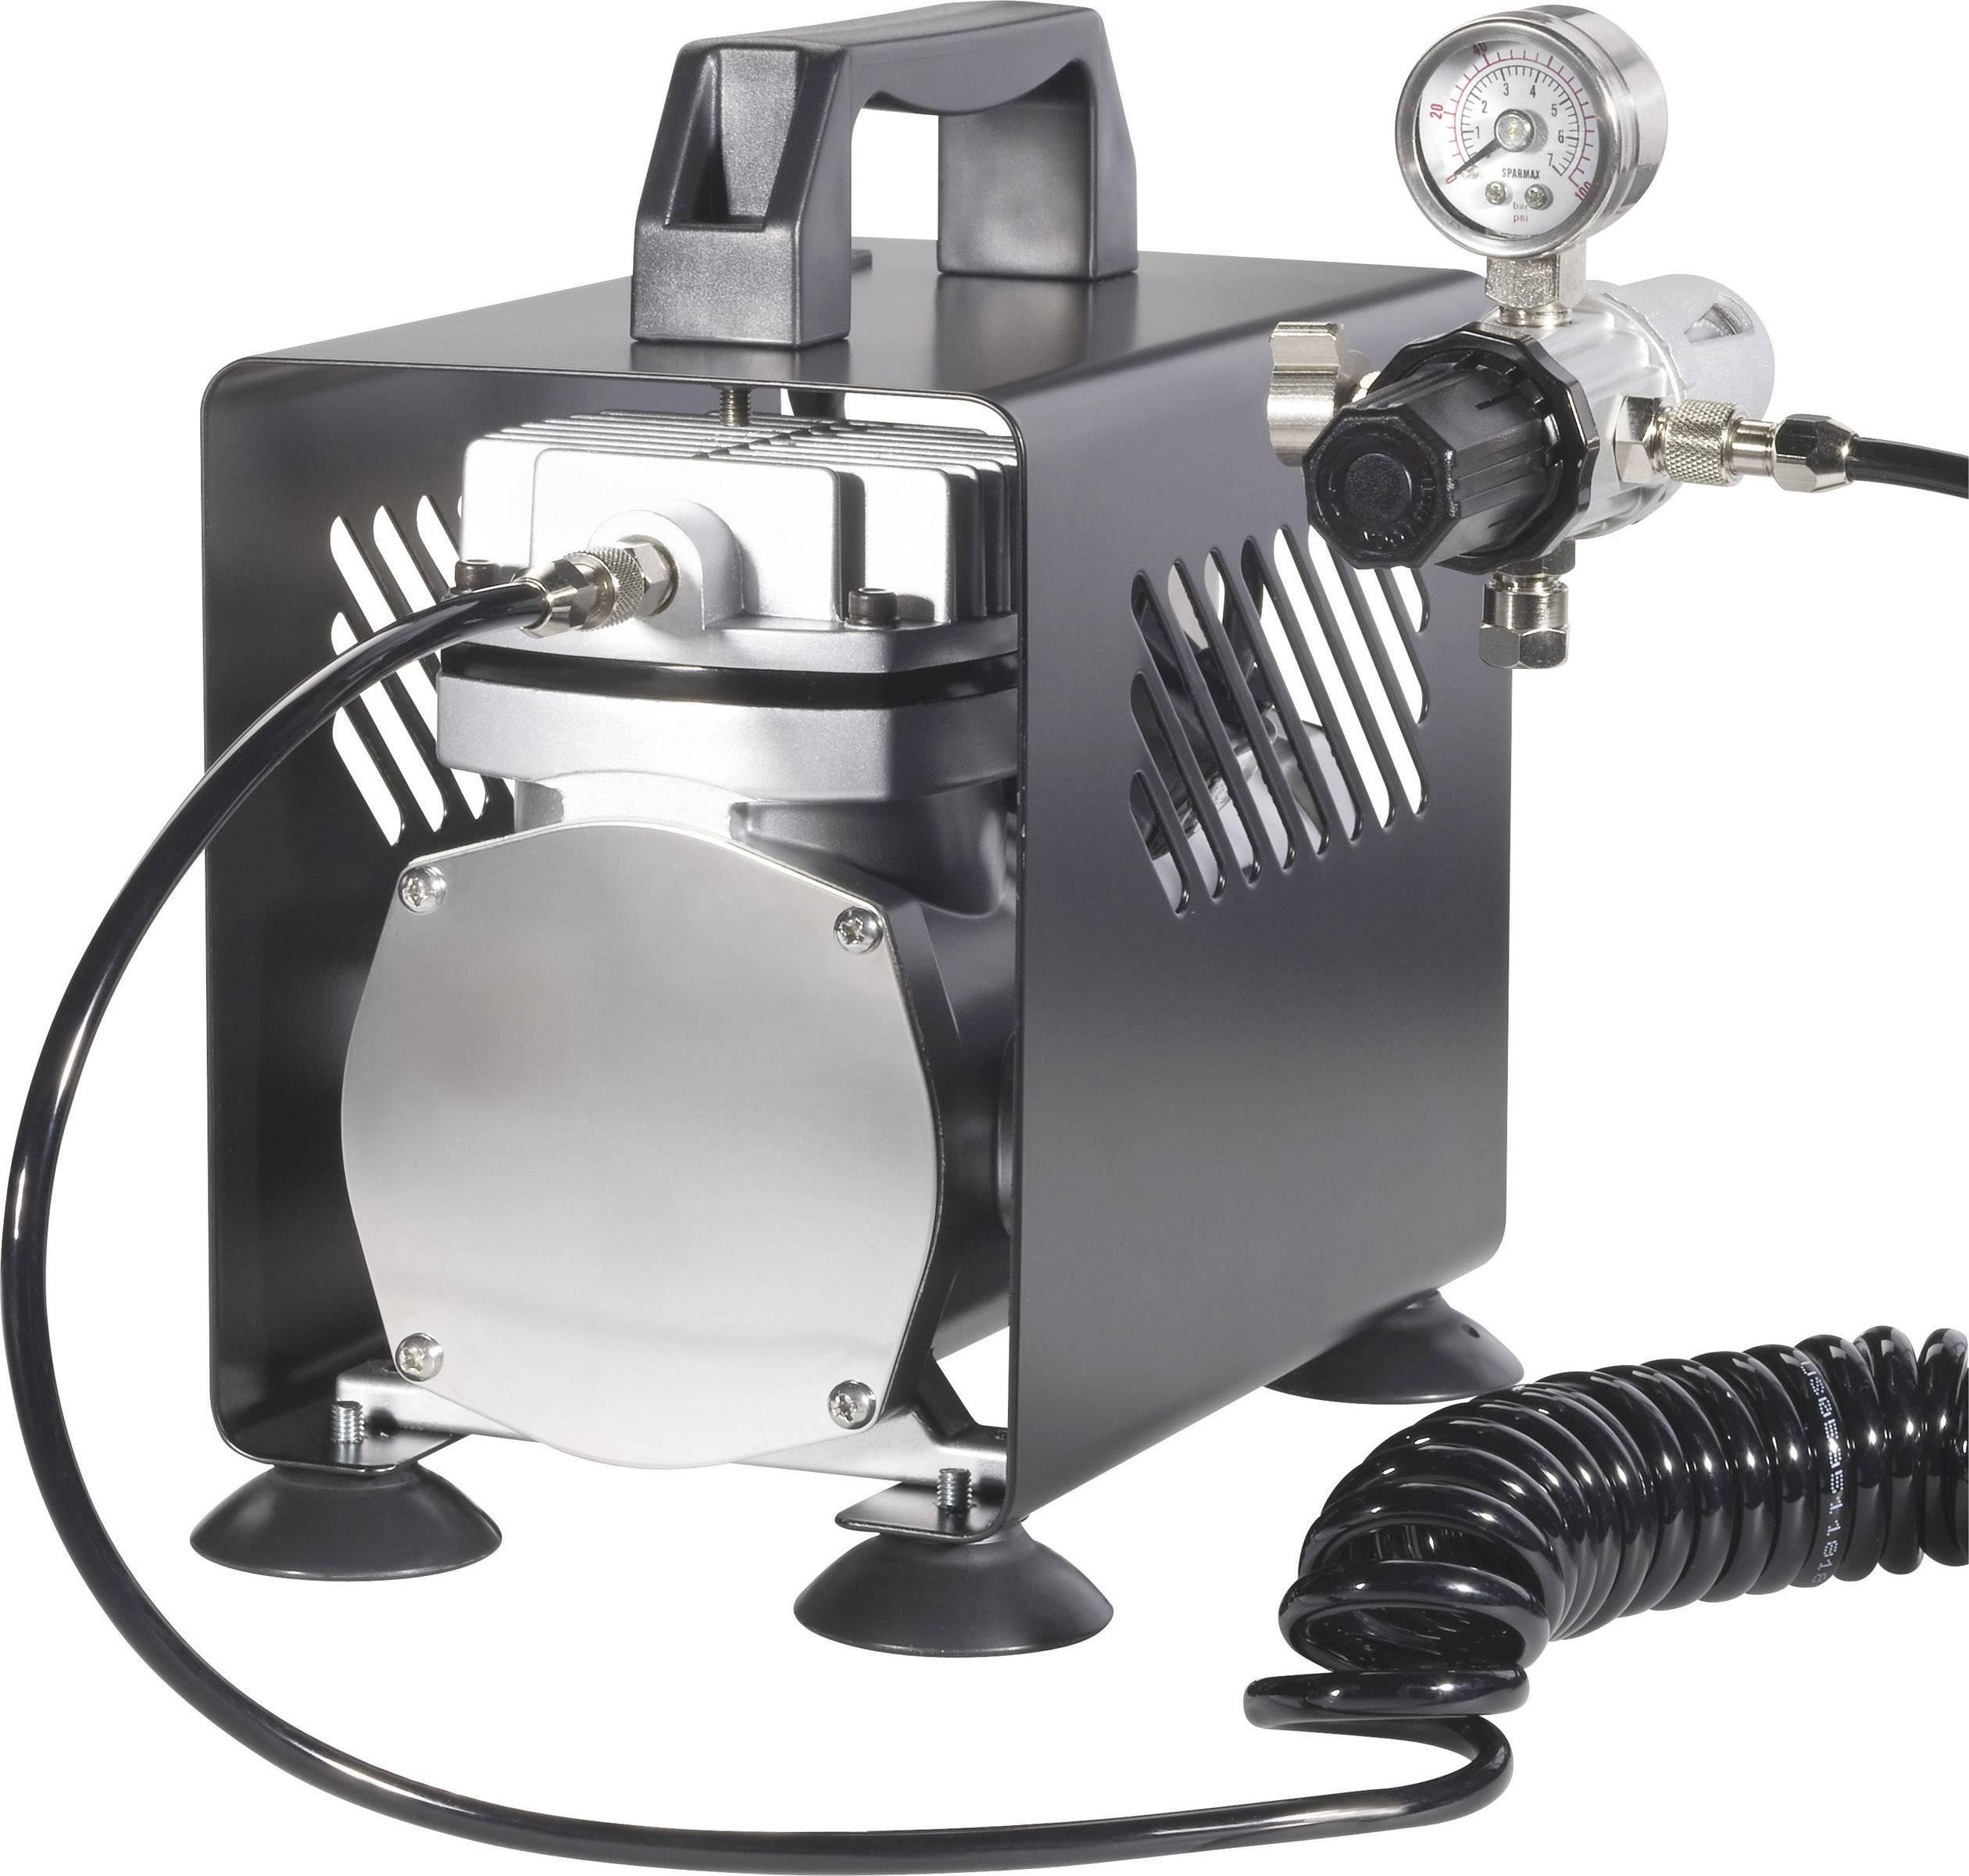 Airbrush kompresor CE-70, 4.1 bar, 16 l/min